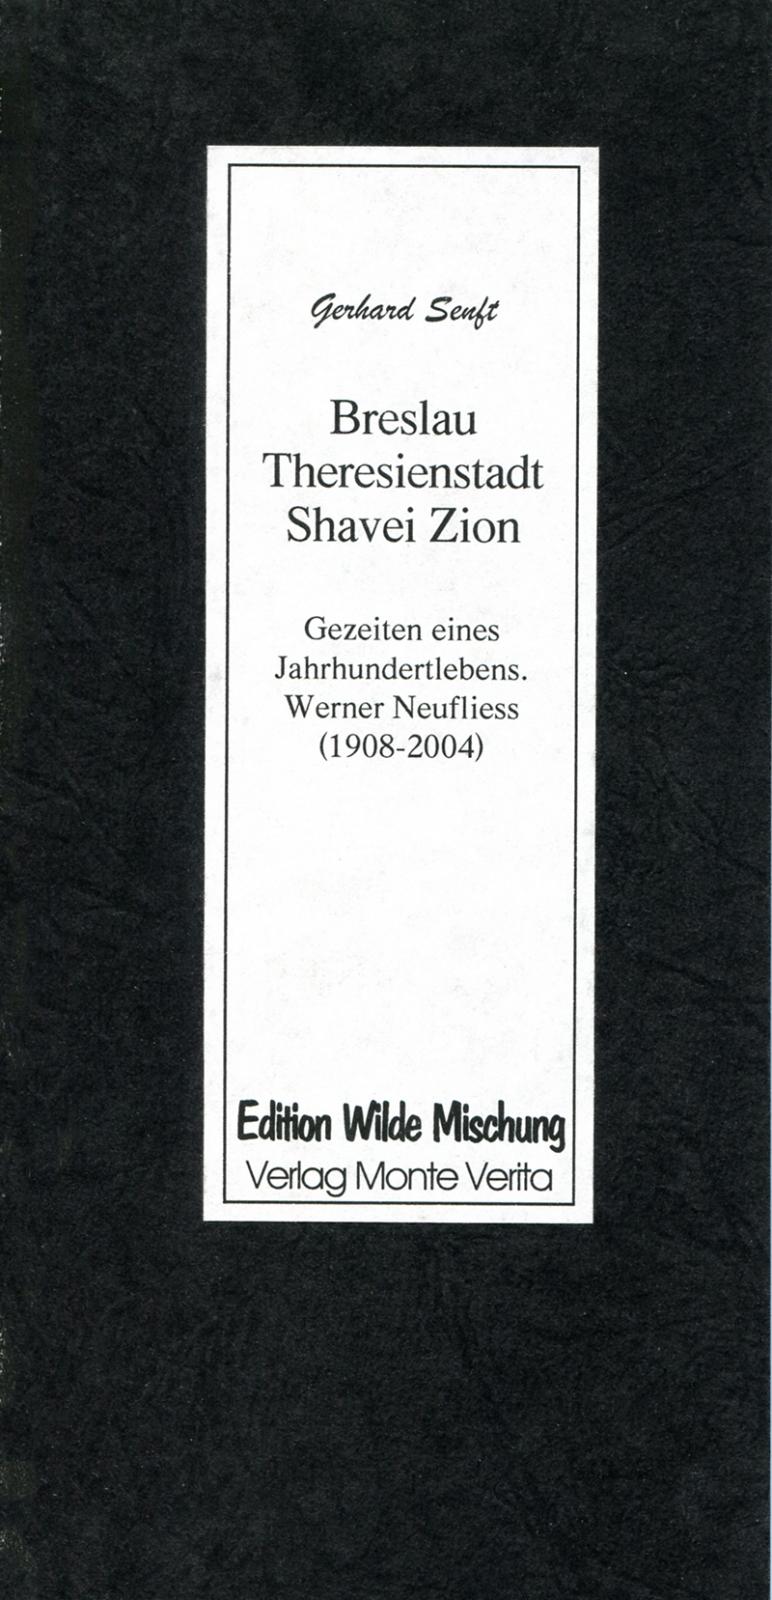 Breslau, Theresienstadt, Shavei Zion